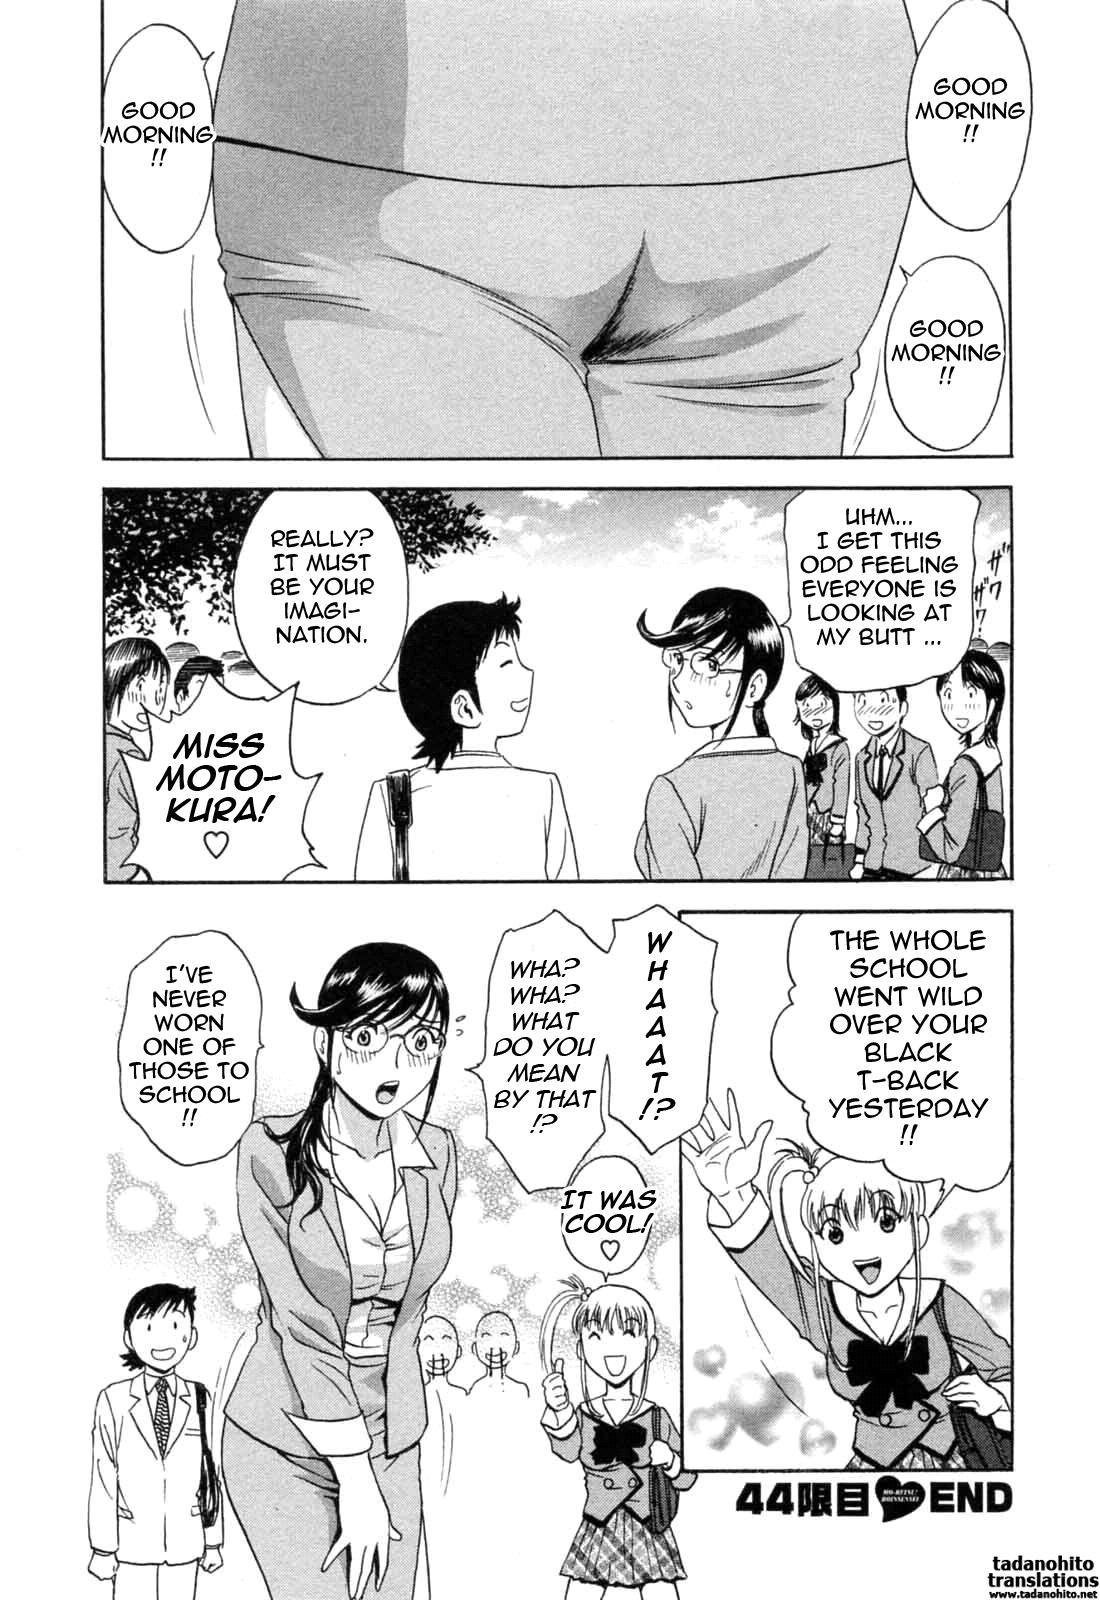 [Hidemaru] Mo-Retsu! Boin Sensei (Boing Boing Teacher) Vol.5 [English] [4dawgz] [Tadanohito] 170